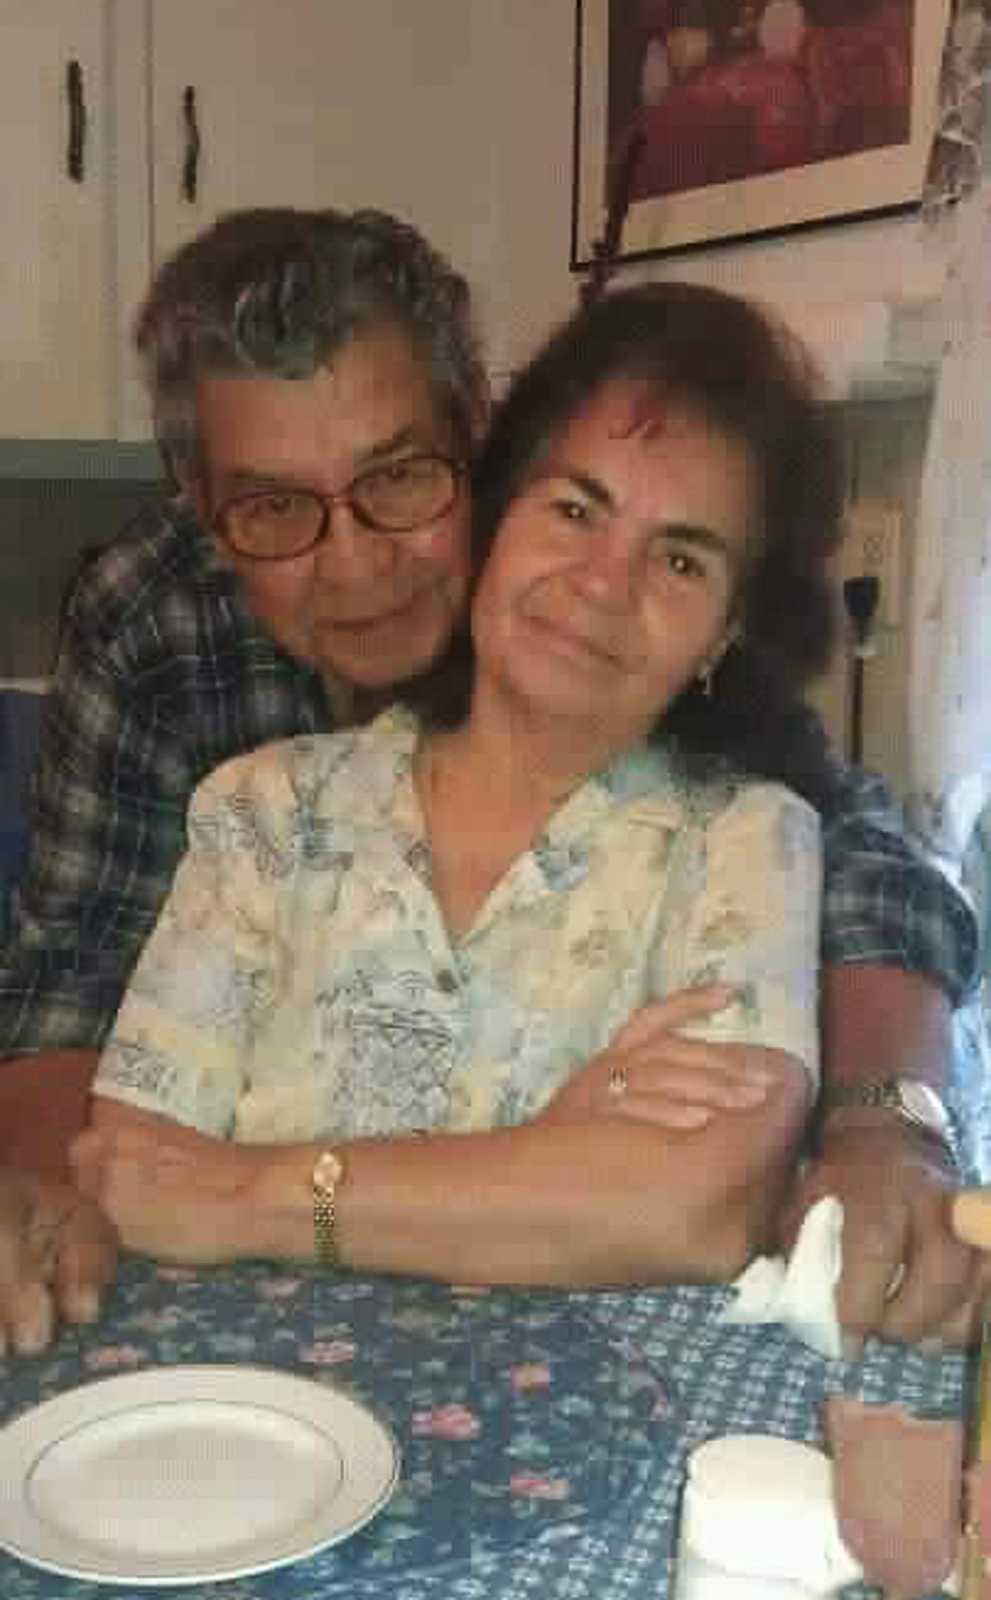 Belia och Manuel Saldivar, befaras ha drunknat tillsammans med sina fyra barnbarnsbarn i vattenmassorna som stormen Harvey dragit med sig.